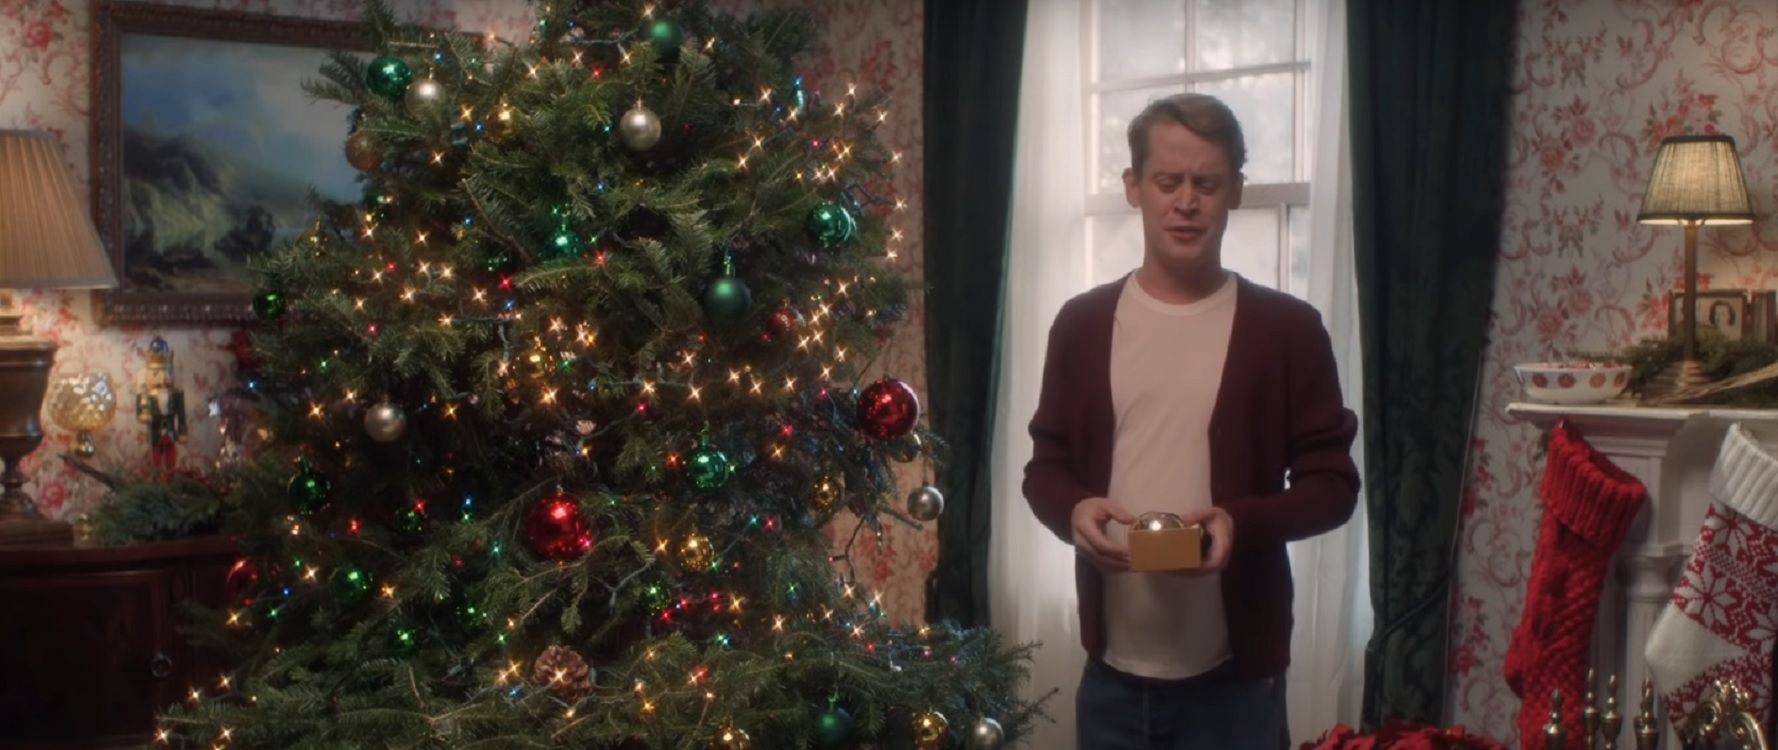 VIDEO: A los 38 años, Macaulay Culkin volvió a ser Mi pobre angelito